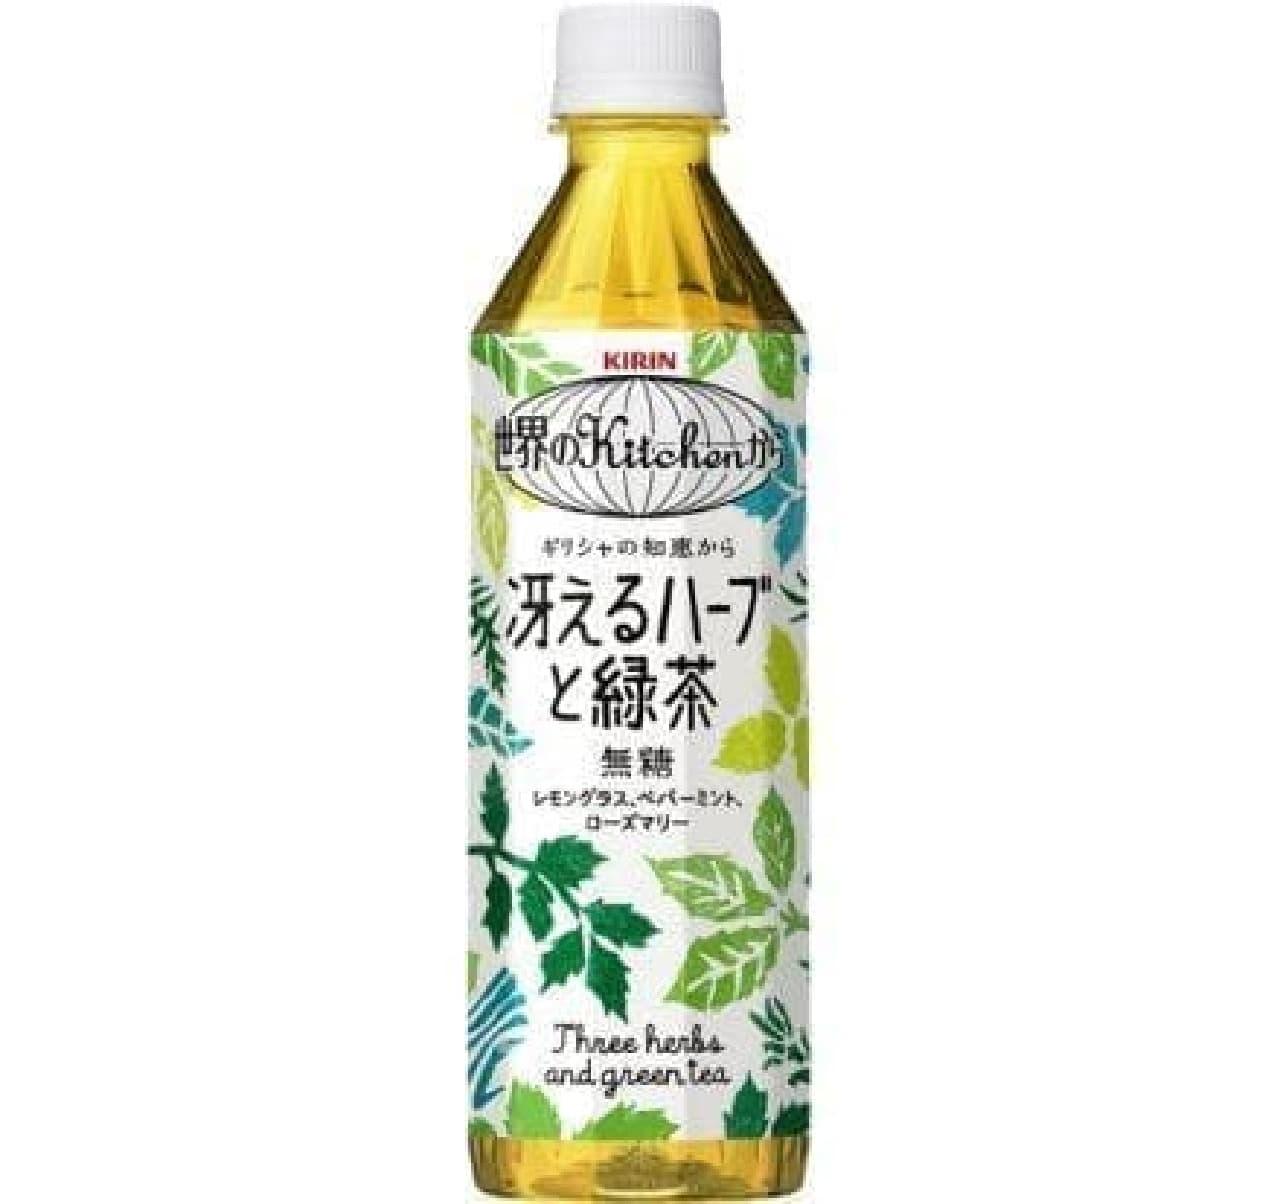 キリン「世界のKitchenから 冴えるハーブと緑茶」